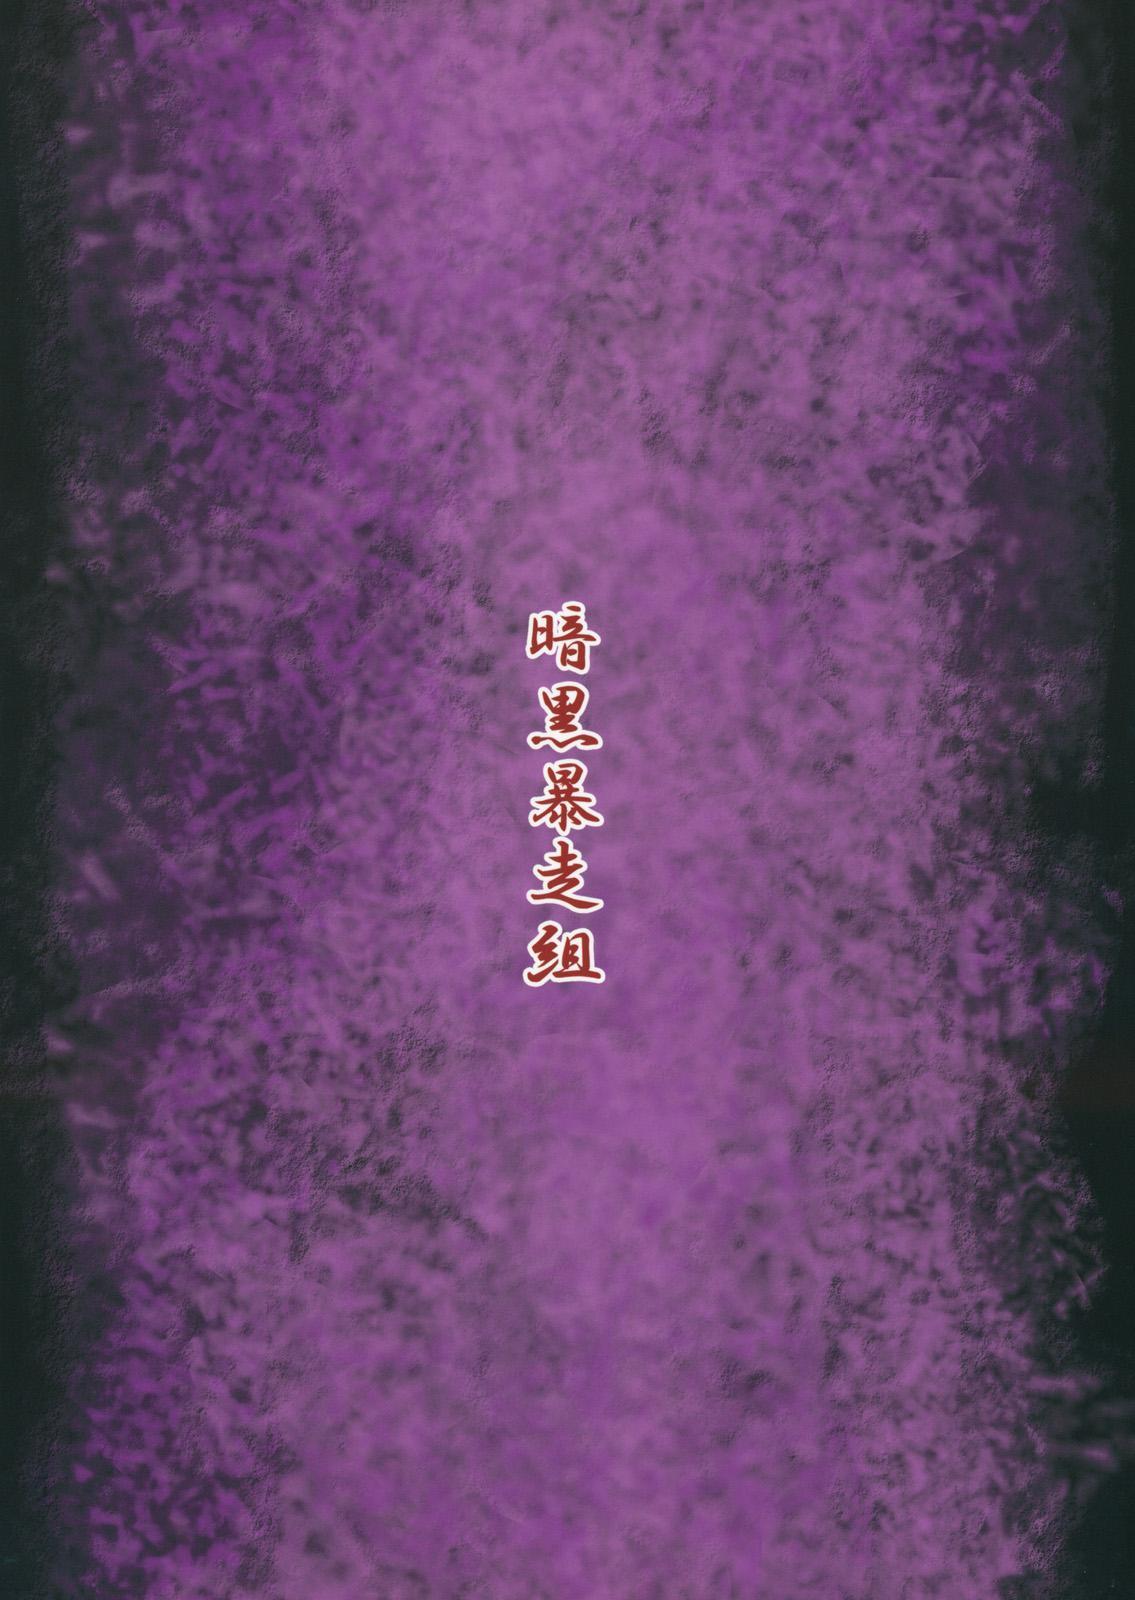 Orenu Hoshi - Hiun no Yume, Musubi 39